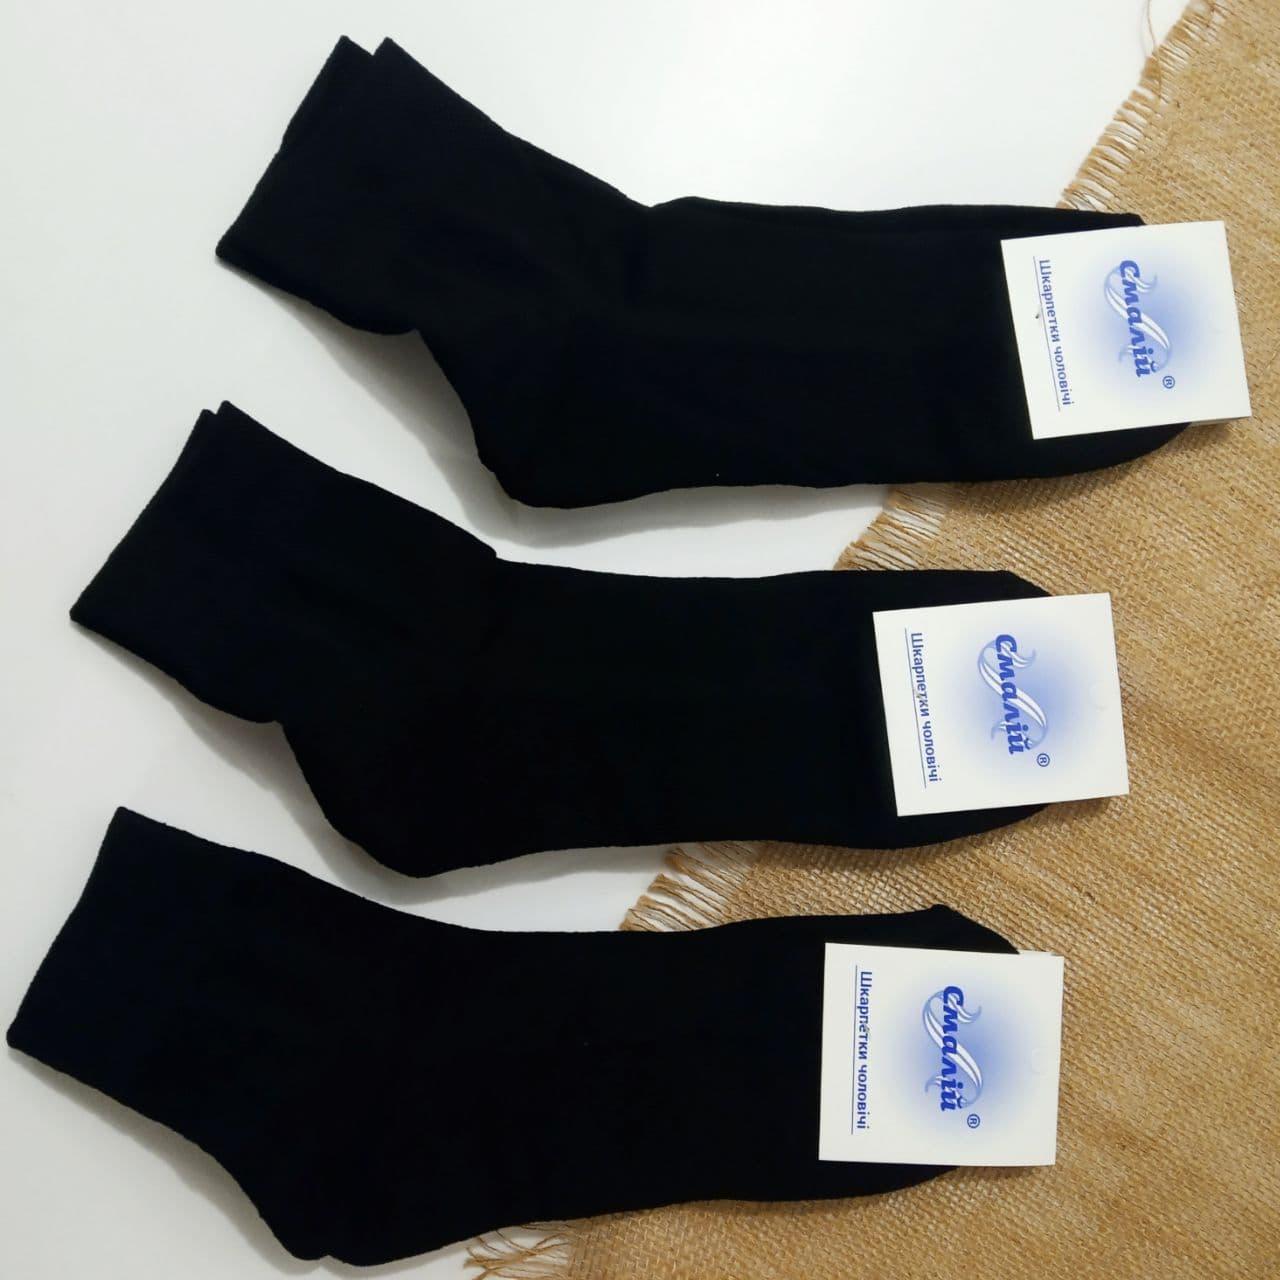 Мужские носки с махровой стопой Смалий, Рубежное черные